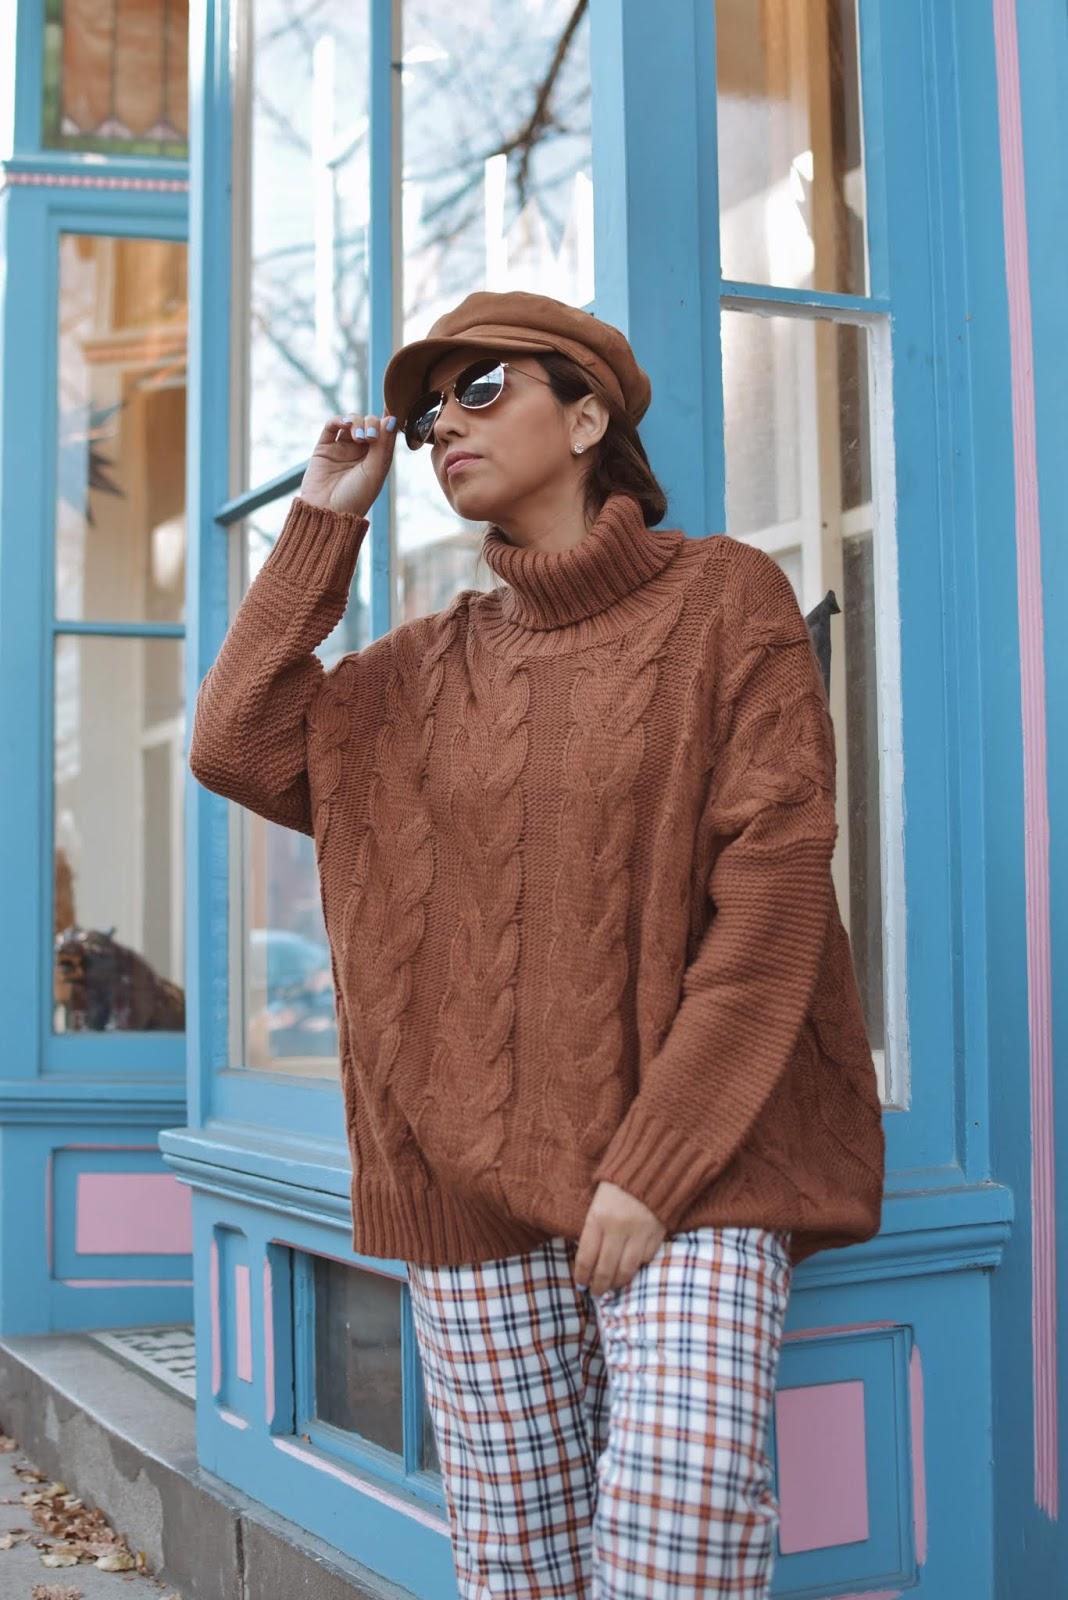 Fin De Semana Largo by Mari Estilo-streetstyle-canal de mariestilo-moda-fashion-dcblogger-travelblogger-